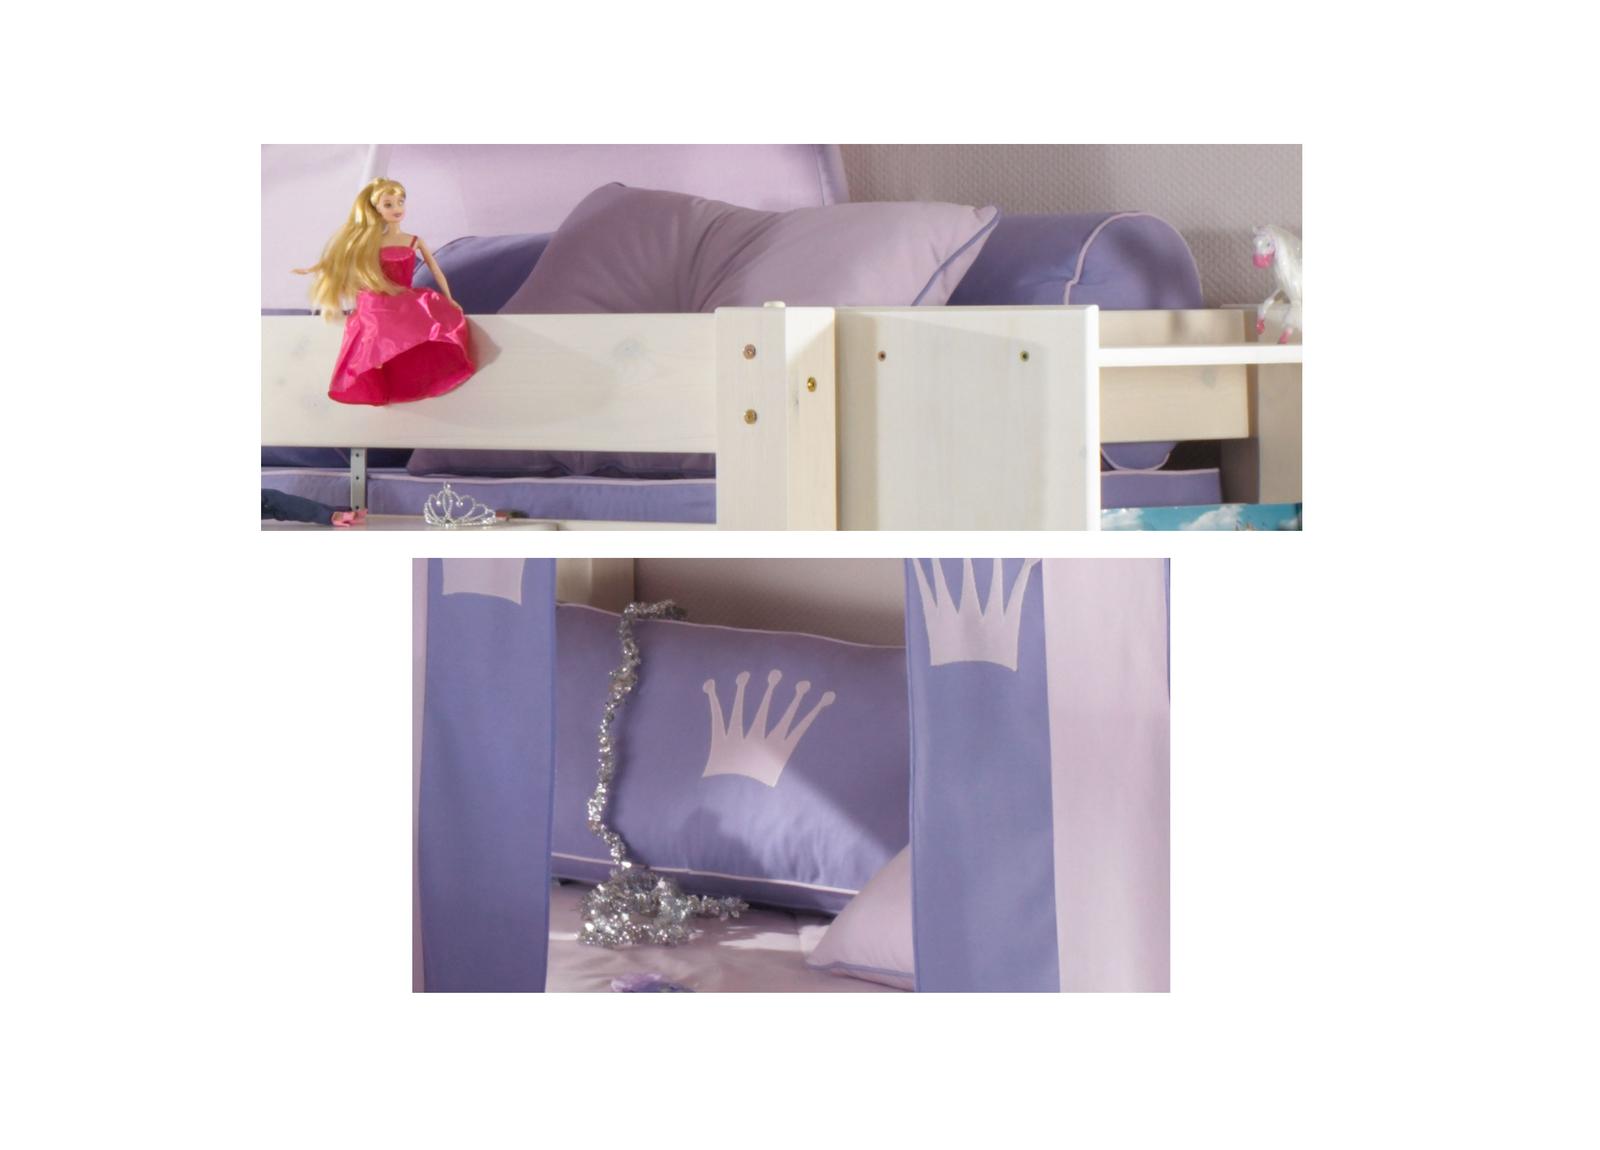 Dolphin Kinderzimmer Halbhochbett Lavendeltraum, Bild 11